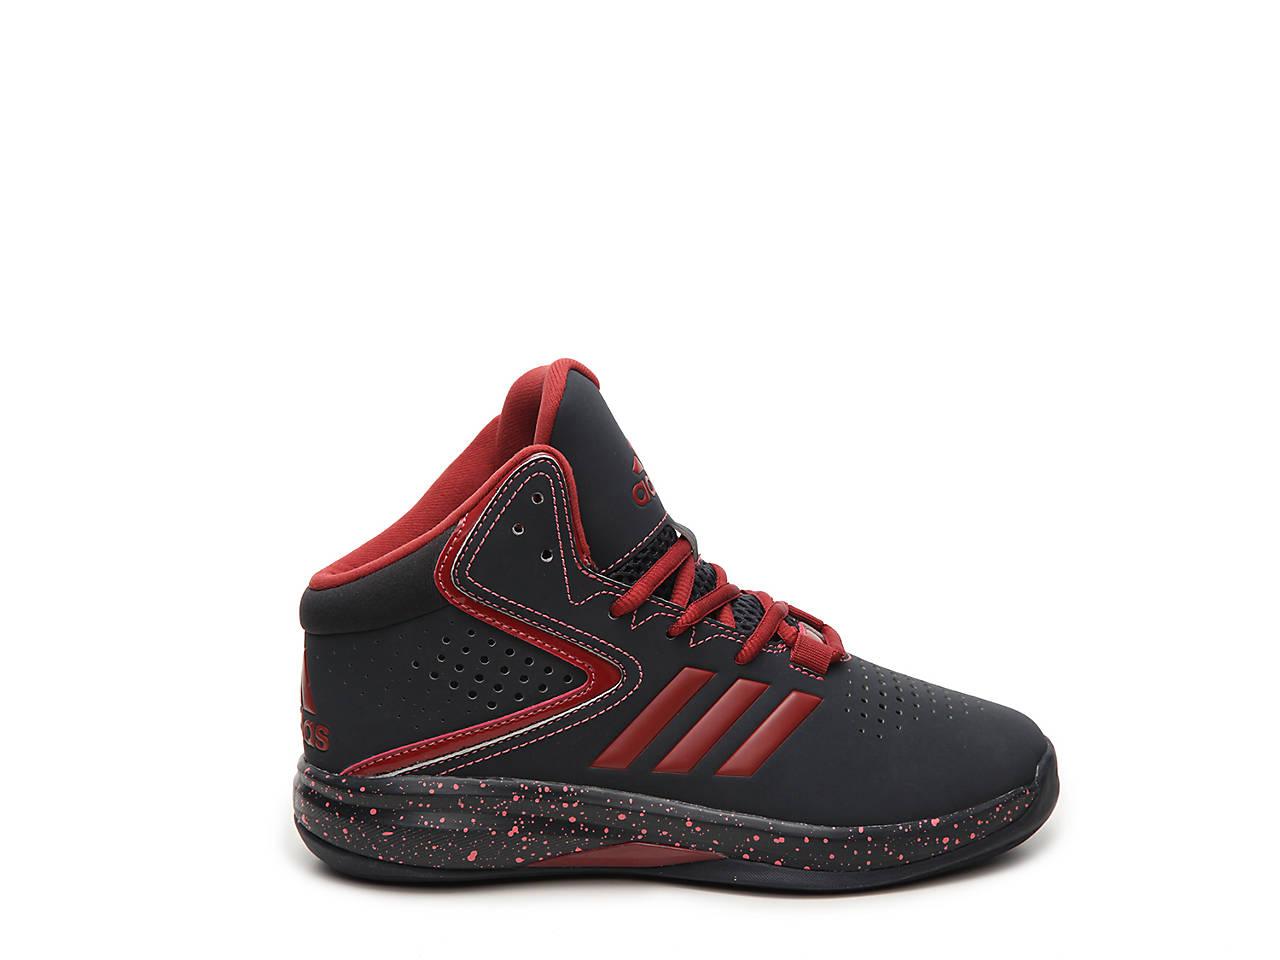 Zapatillas de | deporte adidas Cross Em Up de Toddler & Basketball Youth Basketball para niños | 407d64c - rspr.host